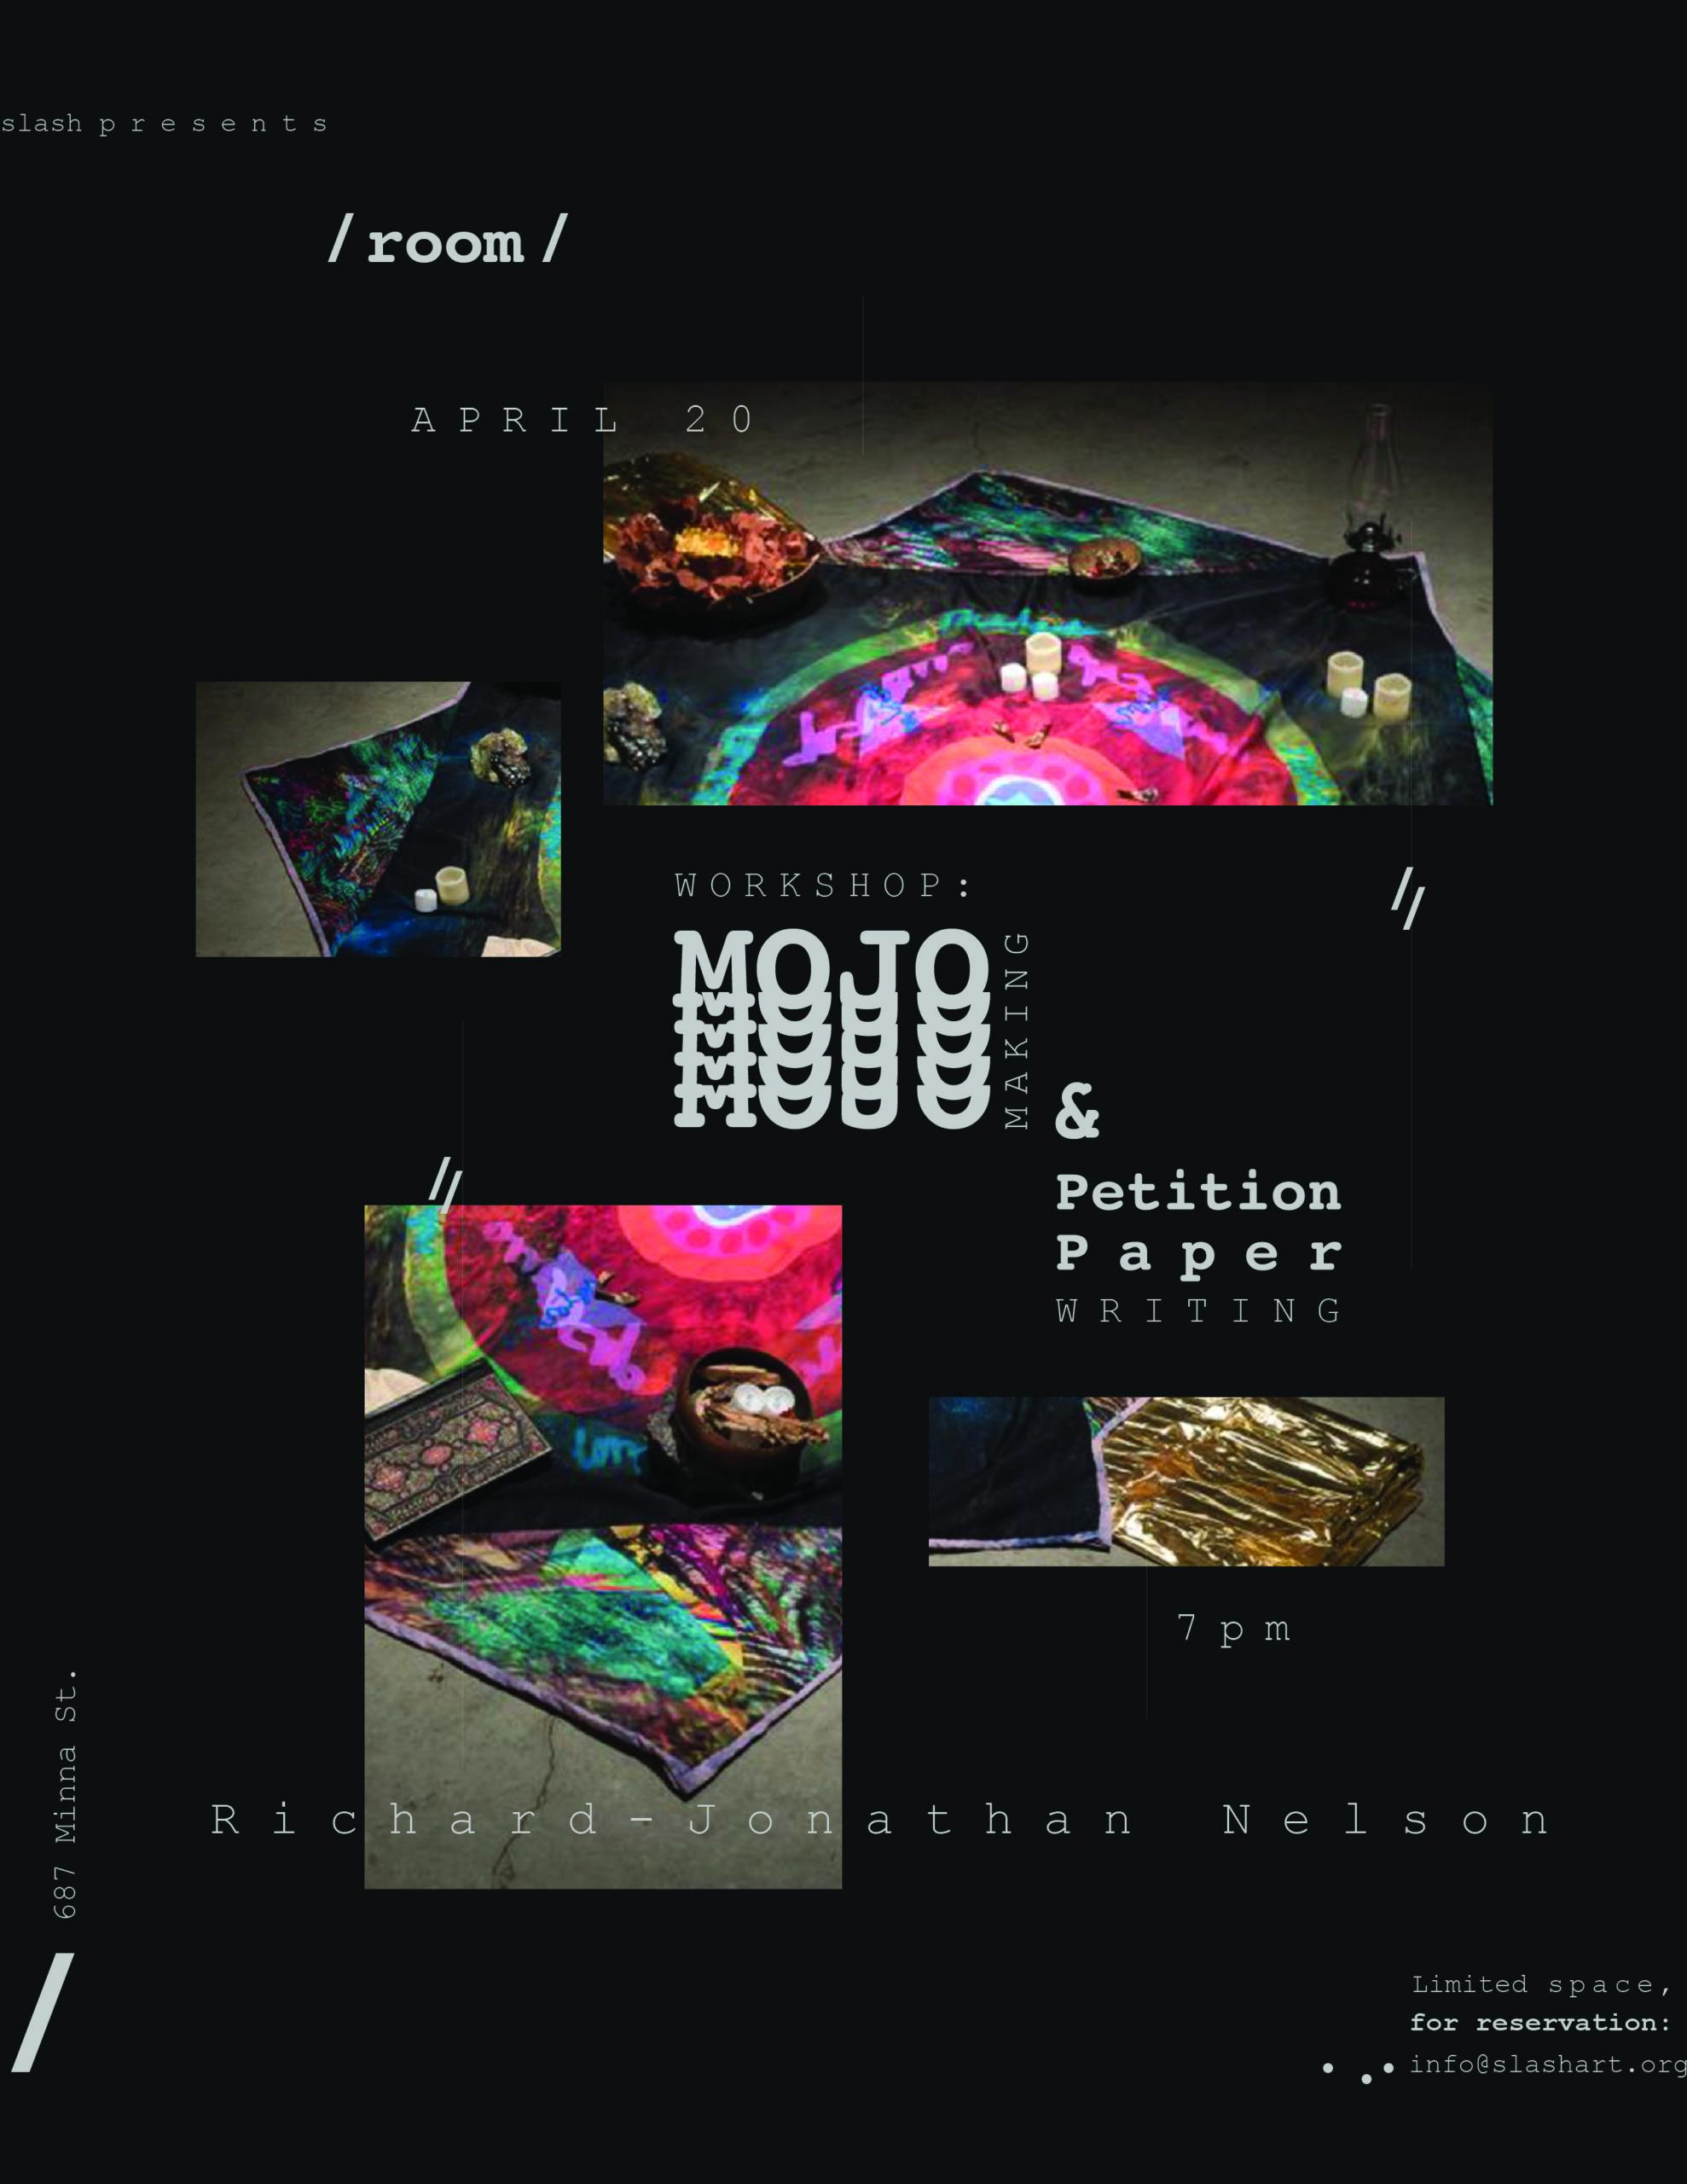 Richard-Jonathan Nelson workshop poster